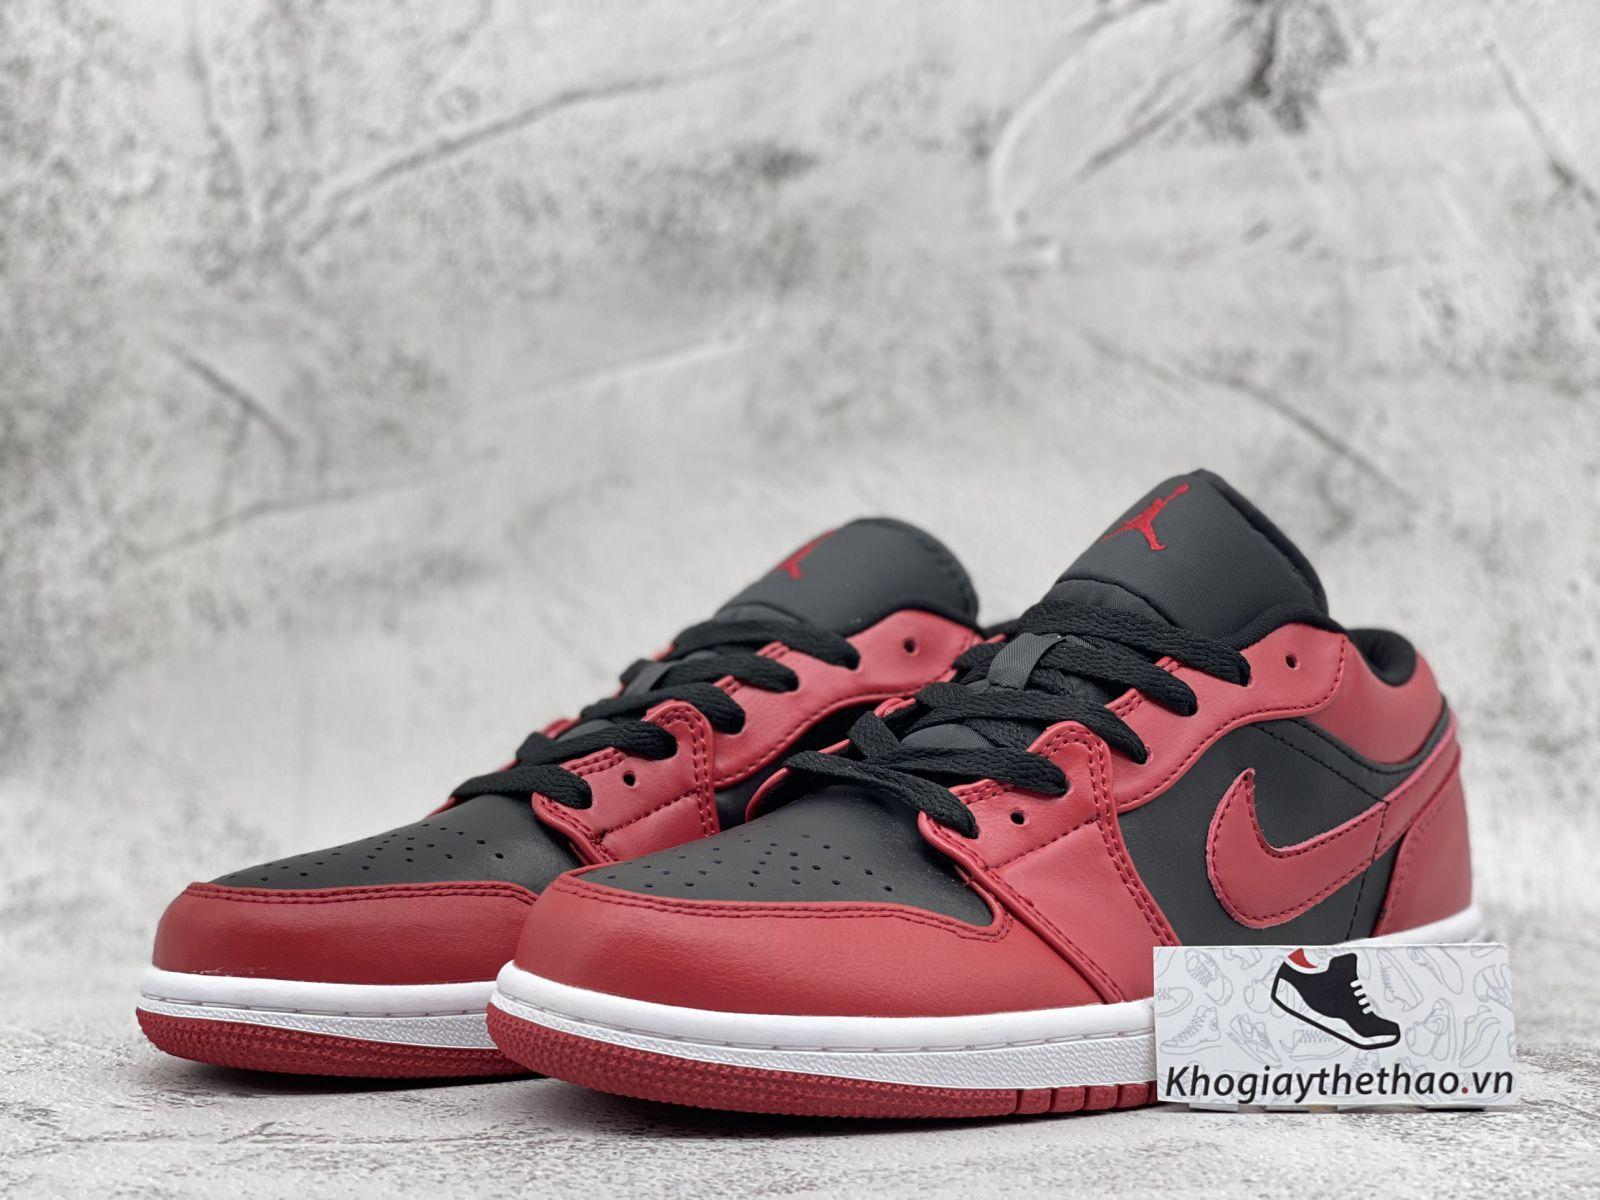 Giày Nike Air Jordan 1 Low Reverse Bred Rep 11